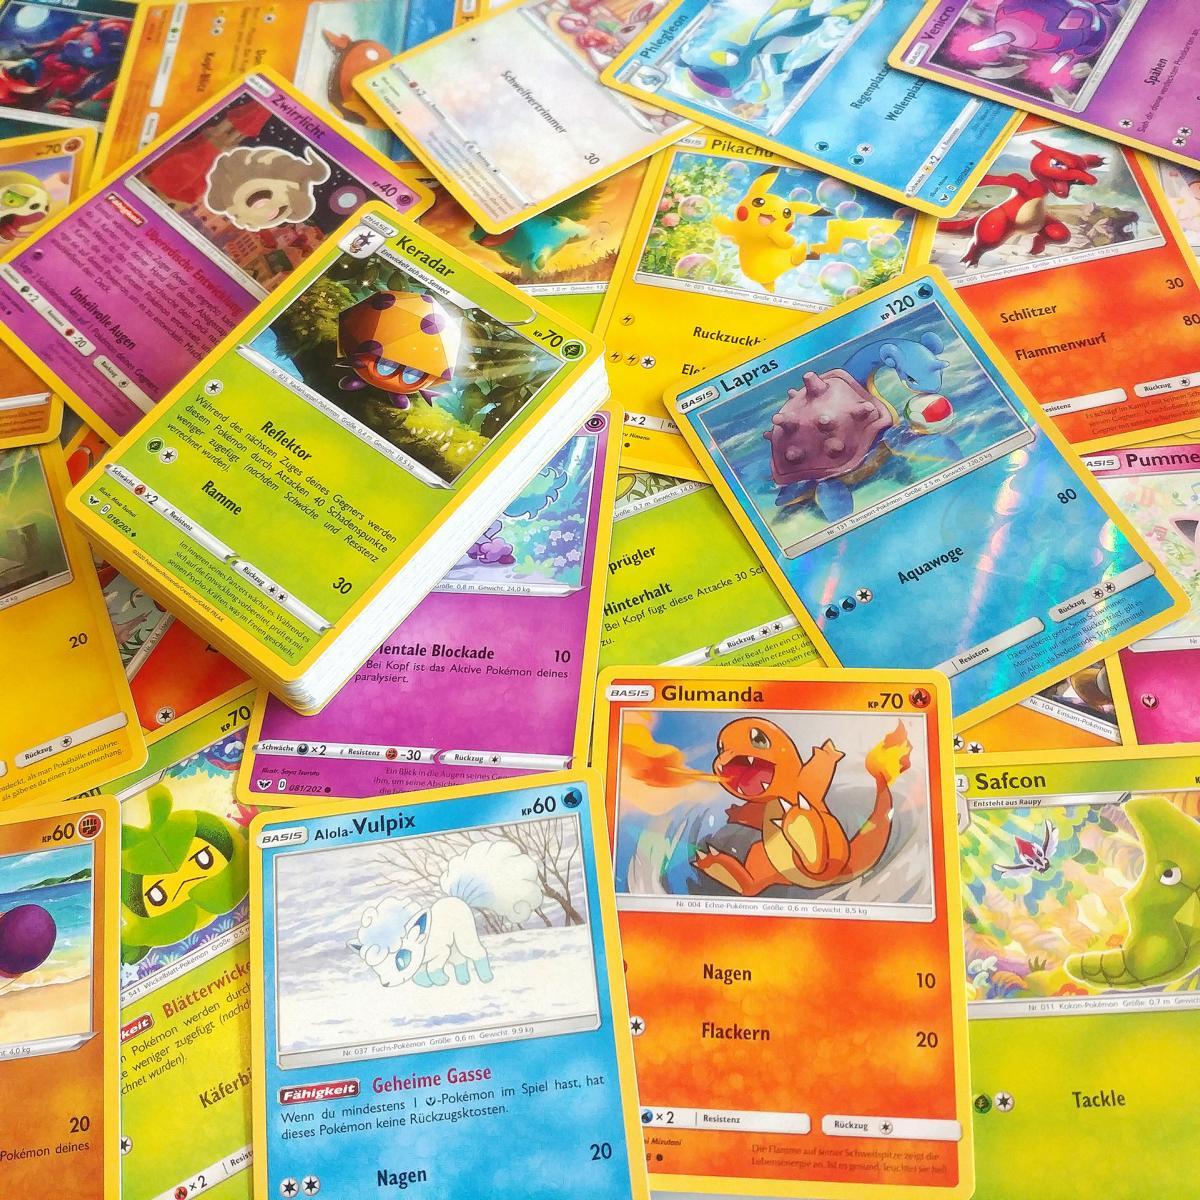 50 Deutsche Pokemon Karten inkl. 1 Holo Karte -Zufällige Auswahl-